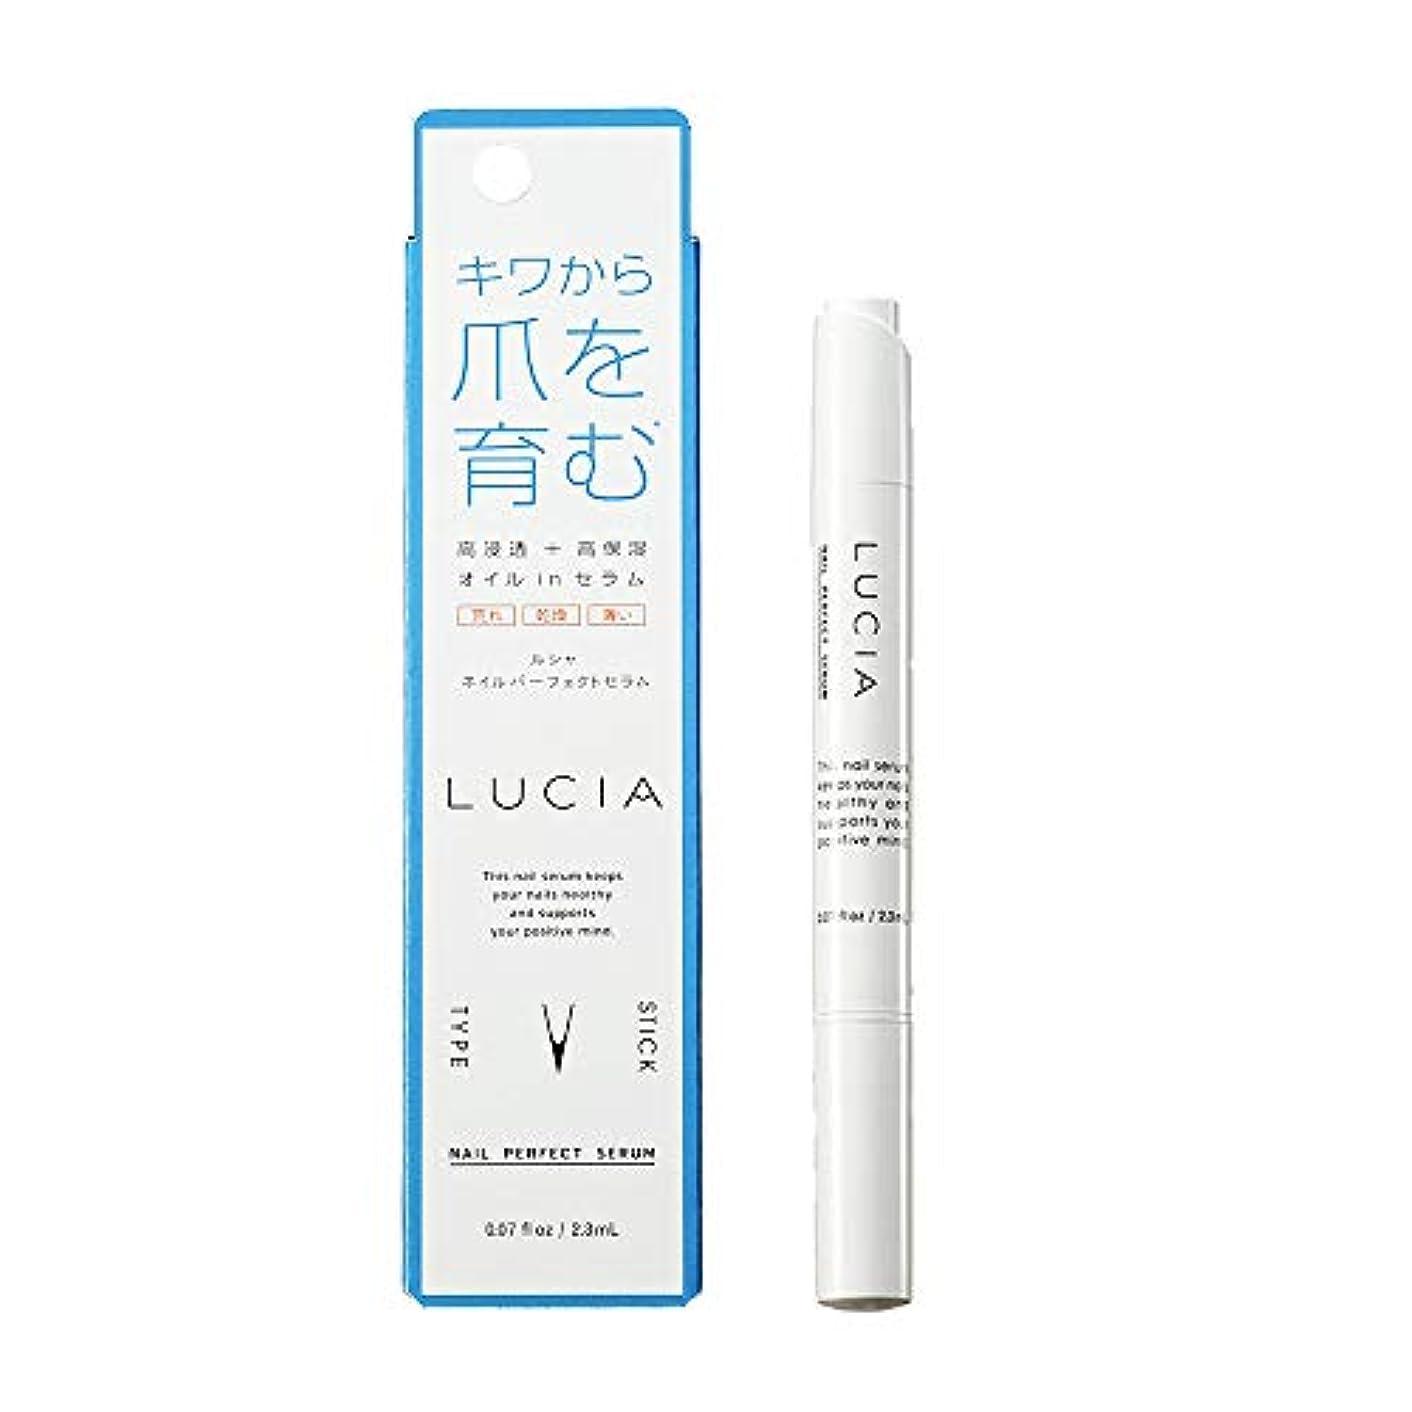 バケット慈善学校LUCIA【ルシャ】ネイルパーフェクトセラム 2.3ml